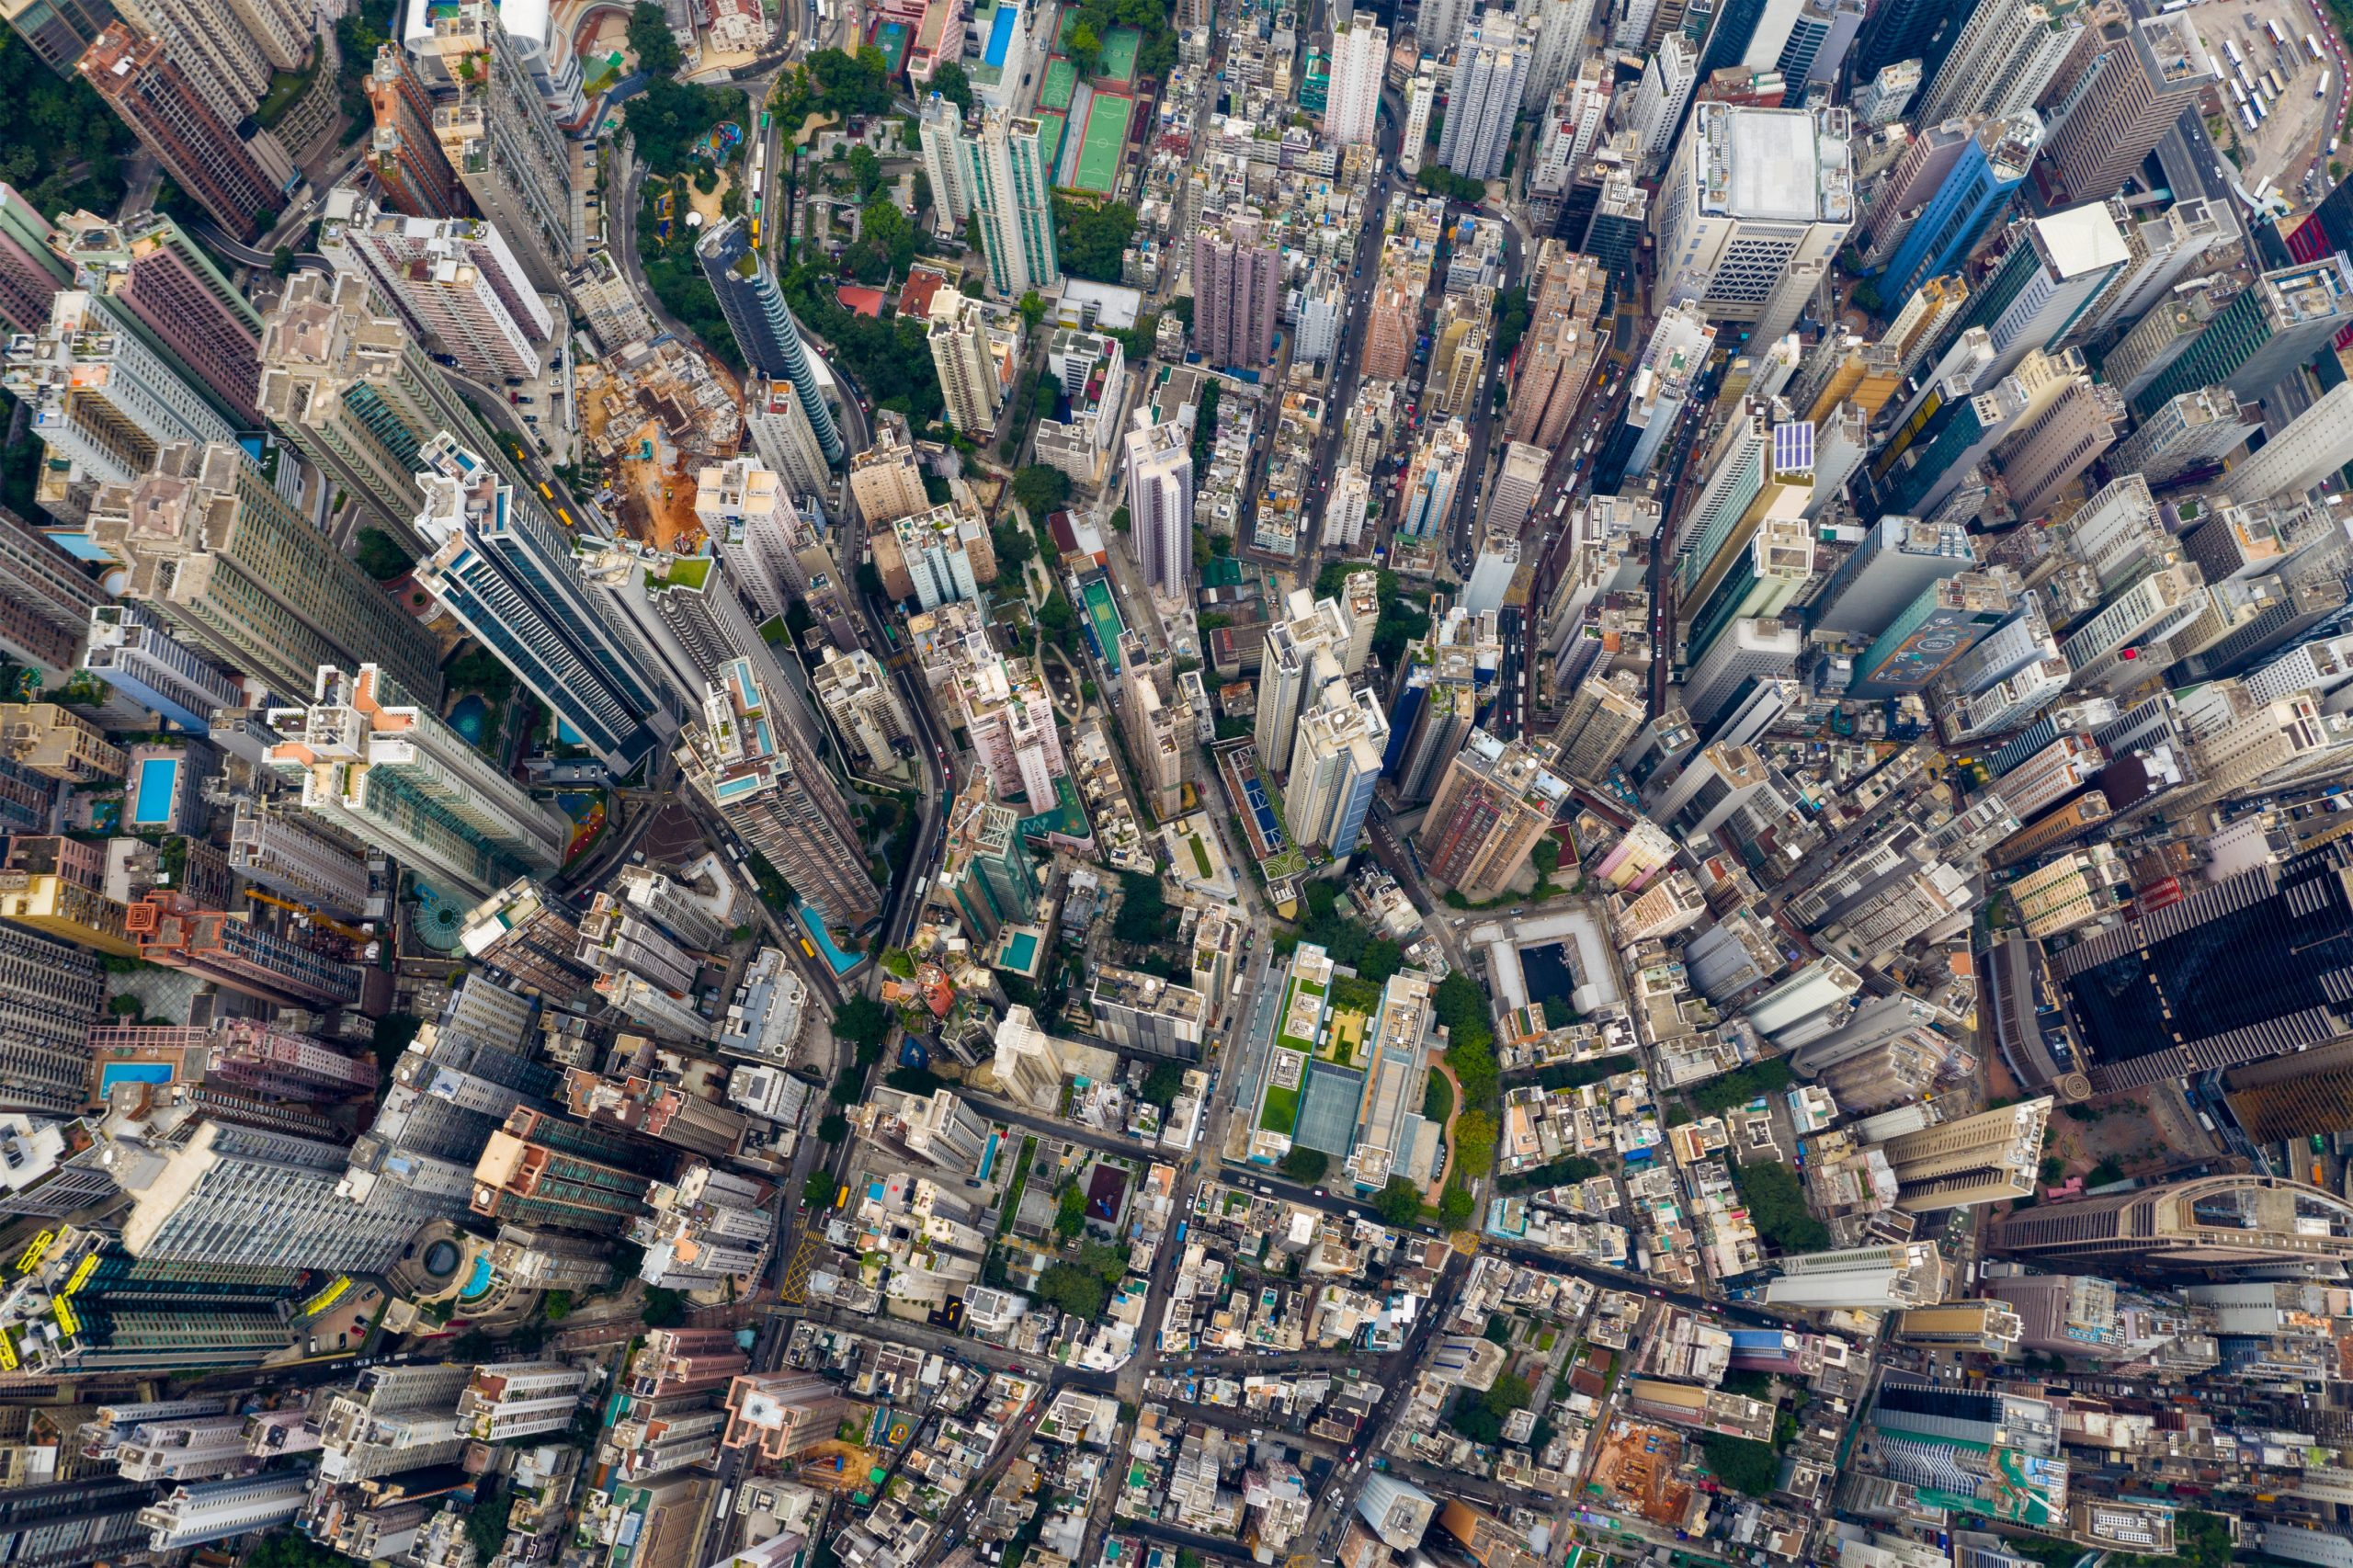 Menneskeskabte materialer vejer nu mere end alt liv på Jorden